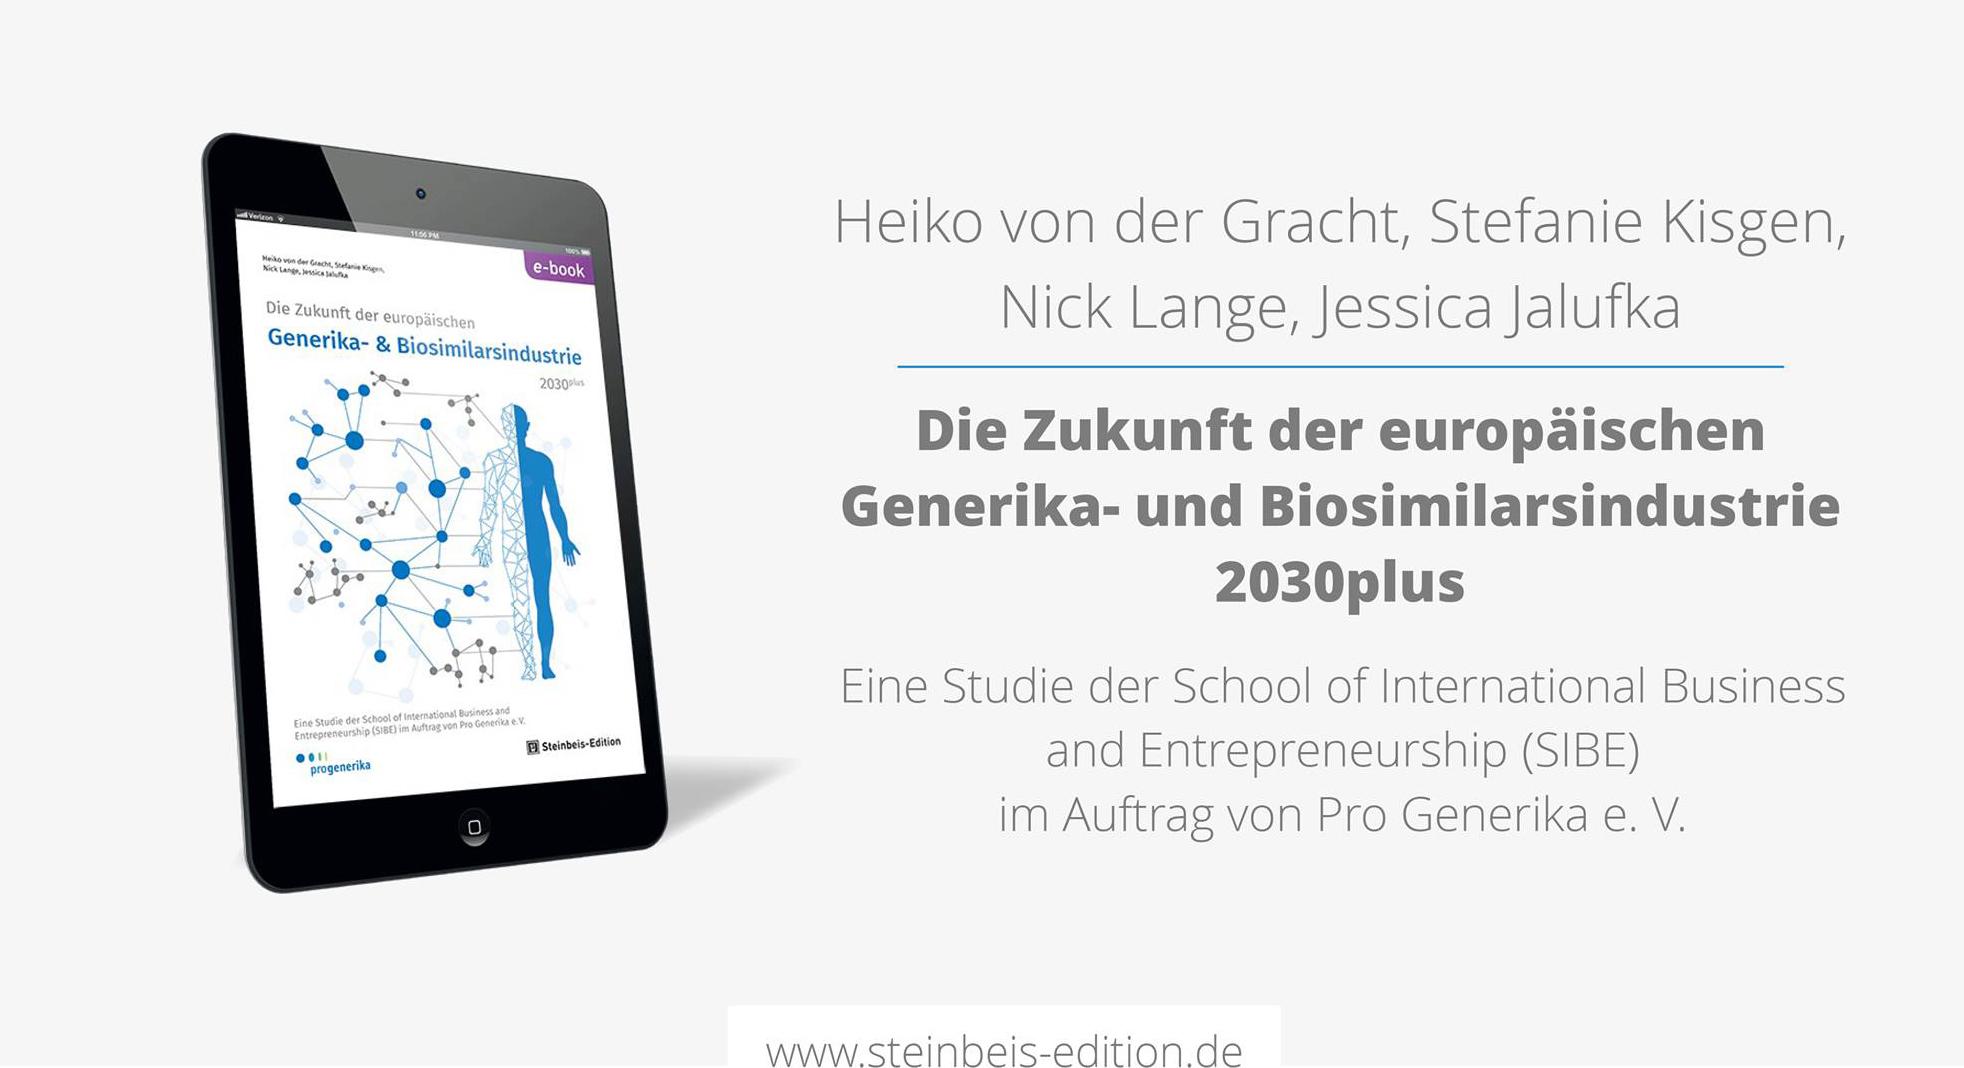 Die Zukunft der europäischen Generika- und Biosimilarsindustrie 2030plus